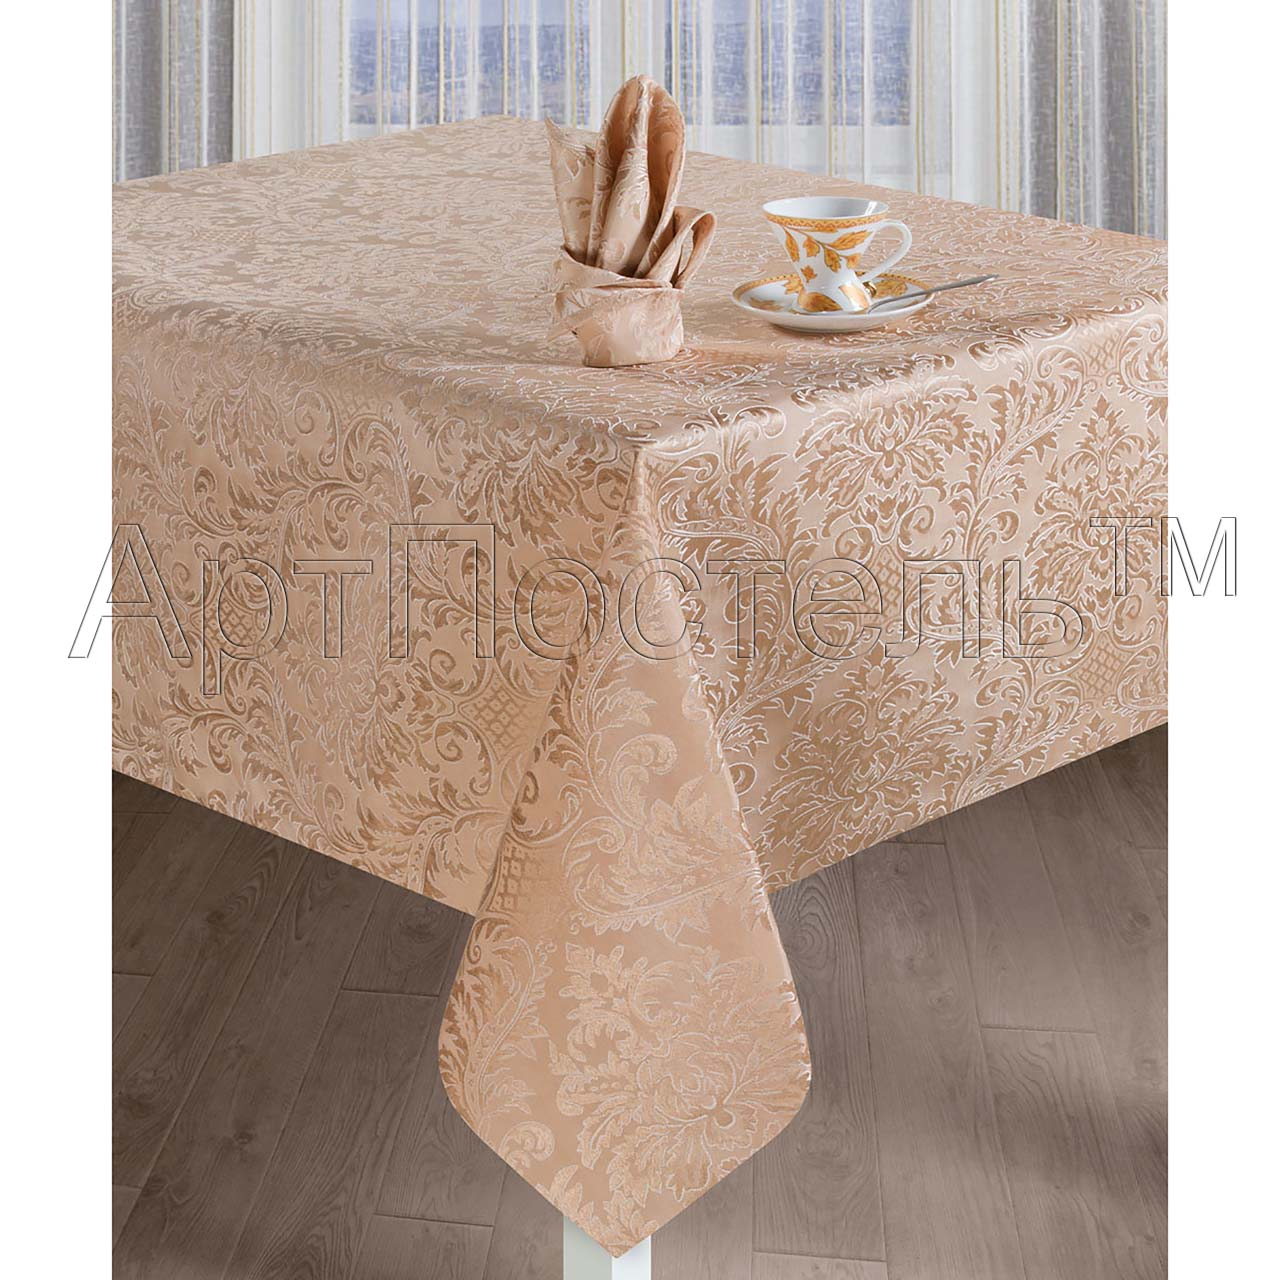 Кухонные принадлежности  Ирэн  Капучино р. 120х150 - Текстиль для дома артикул: 24536